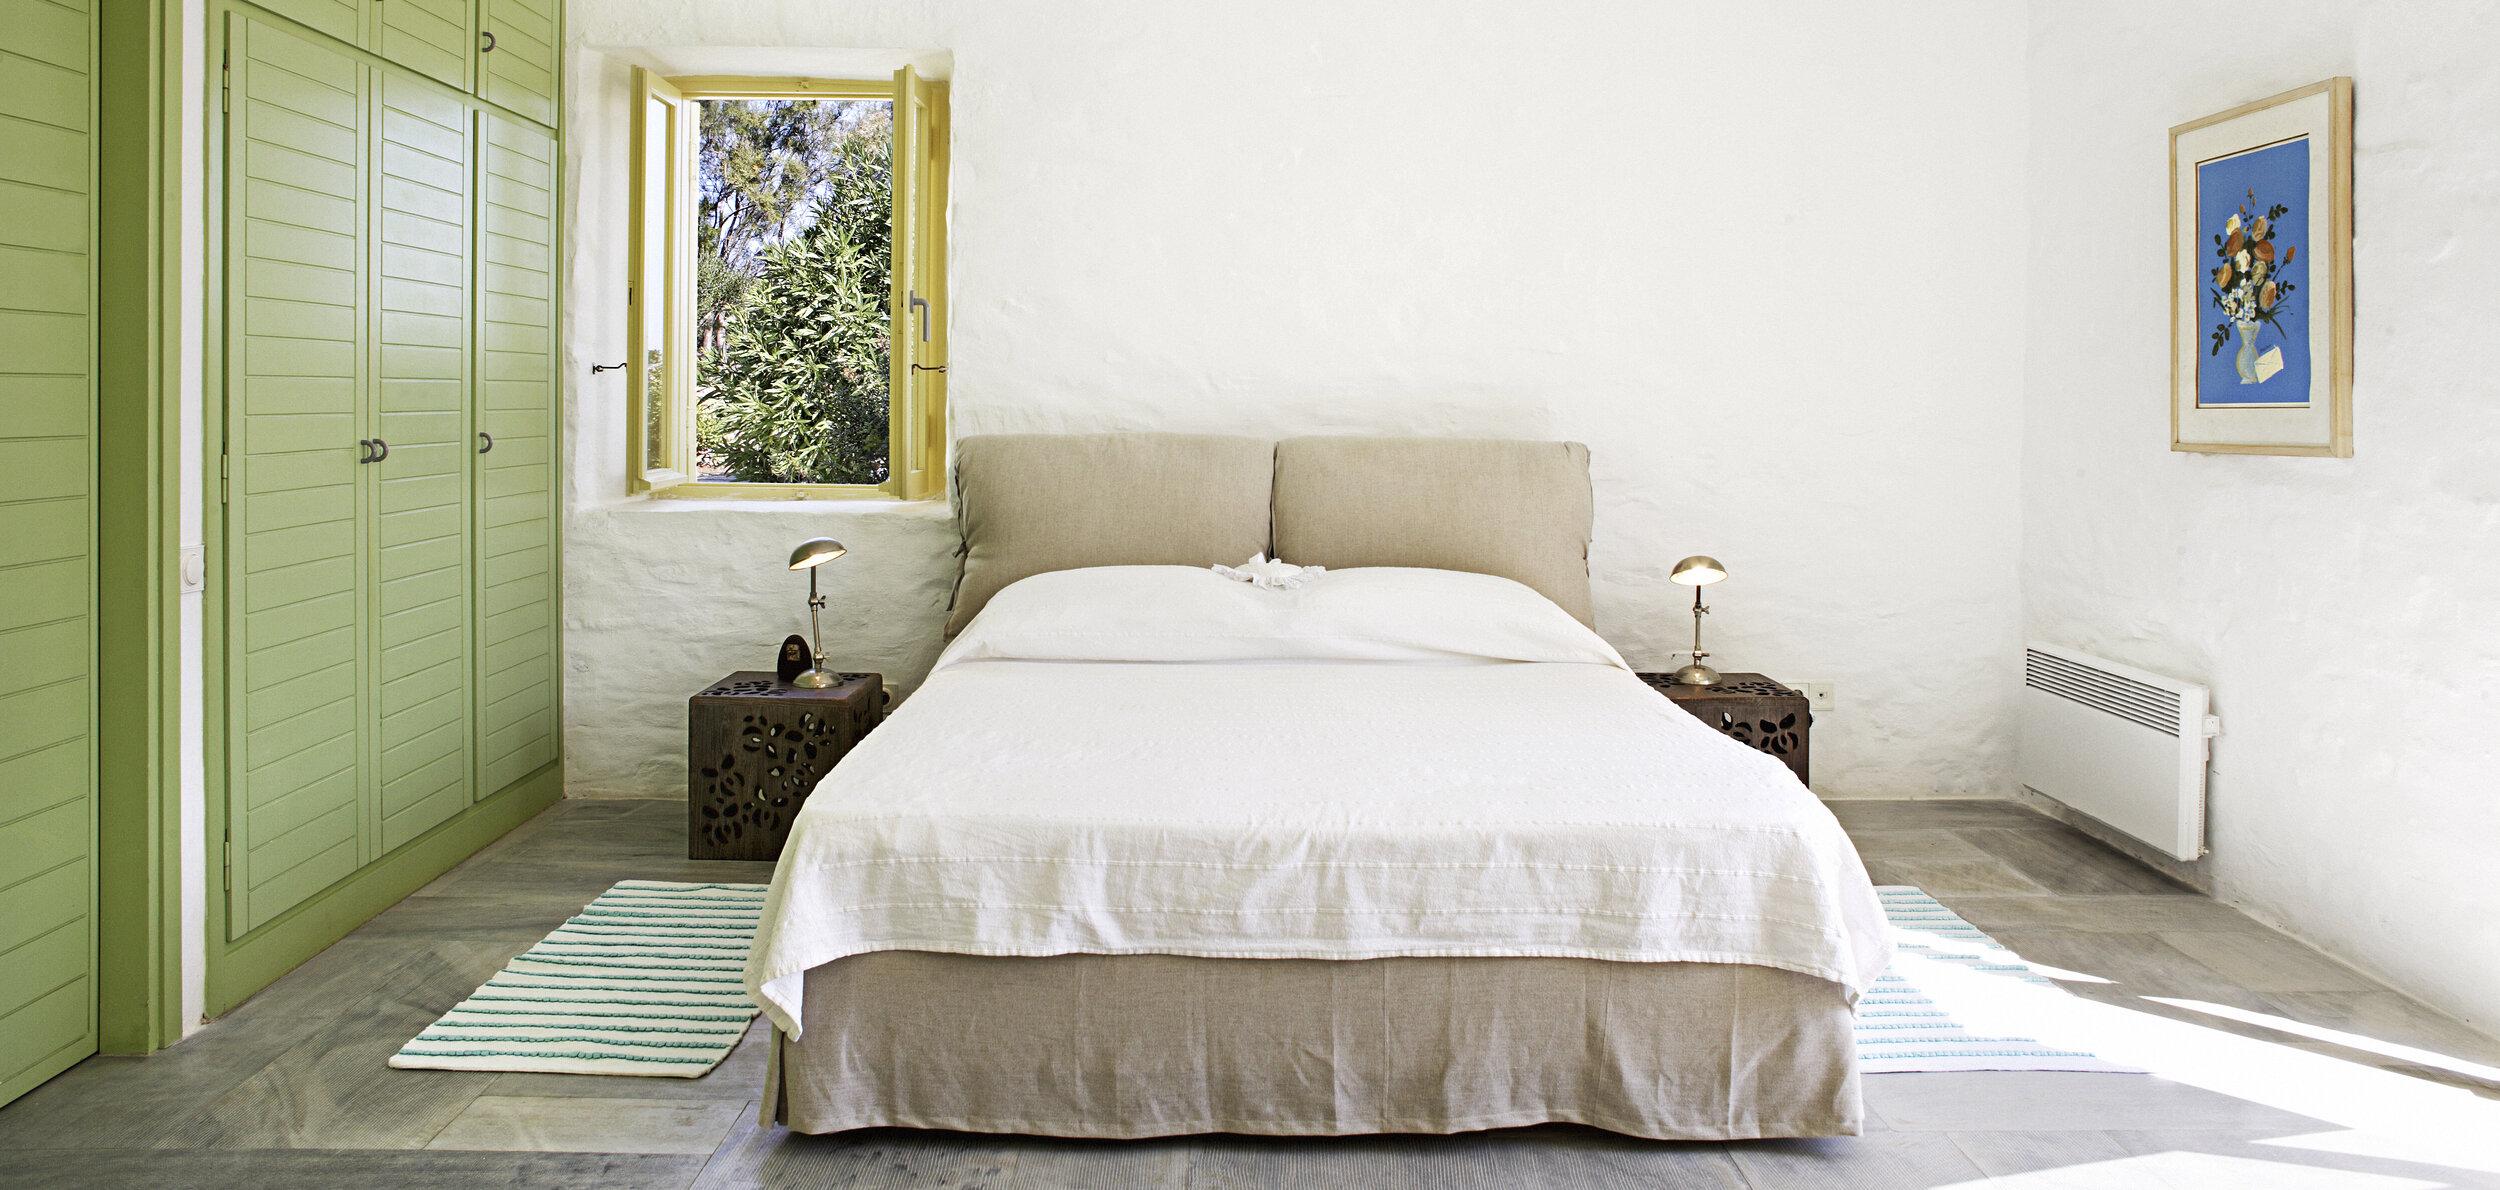 20-Master bedroom.jpg